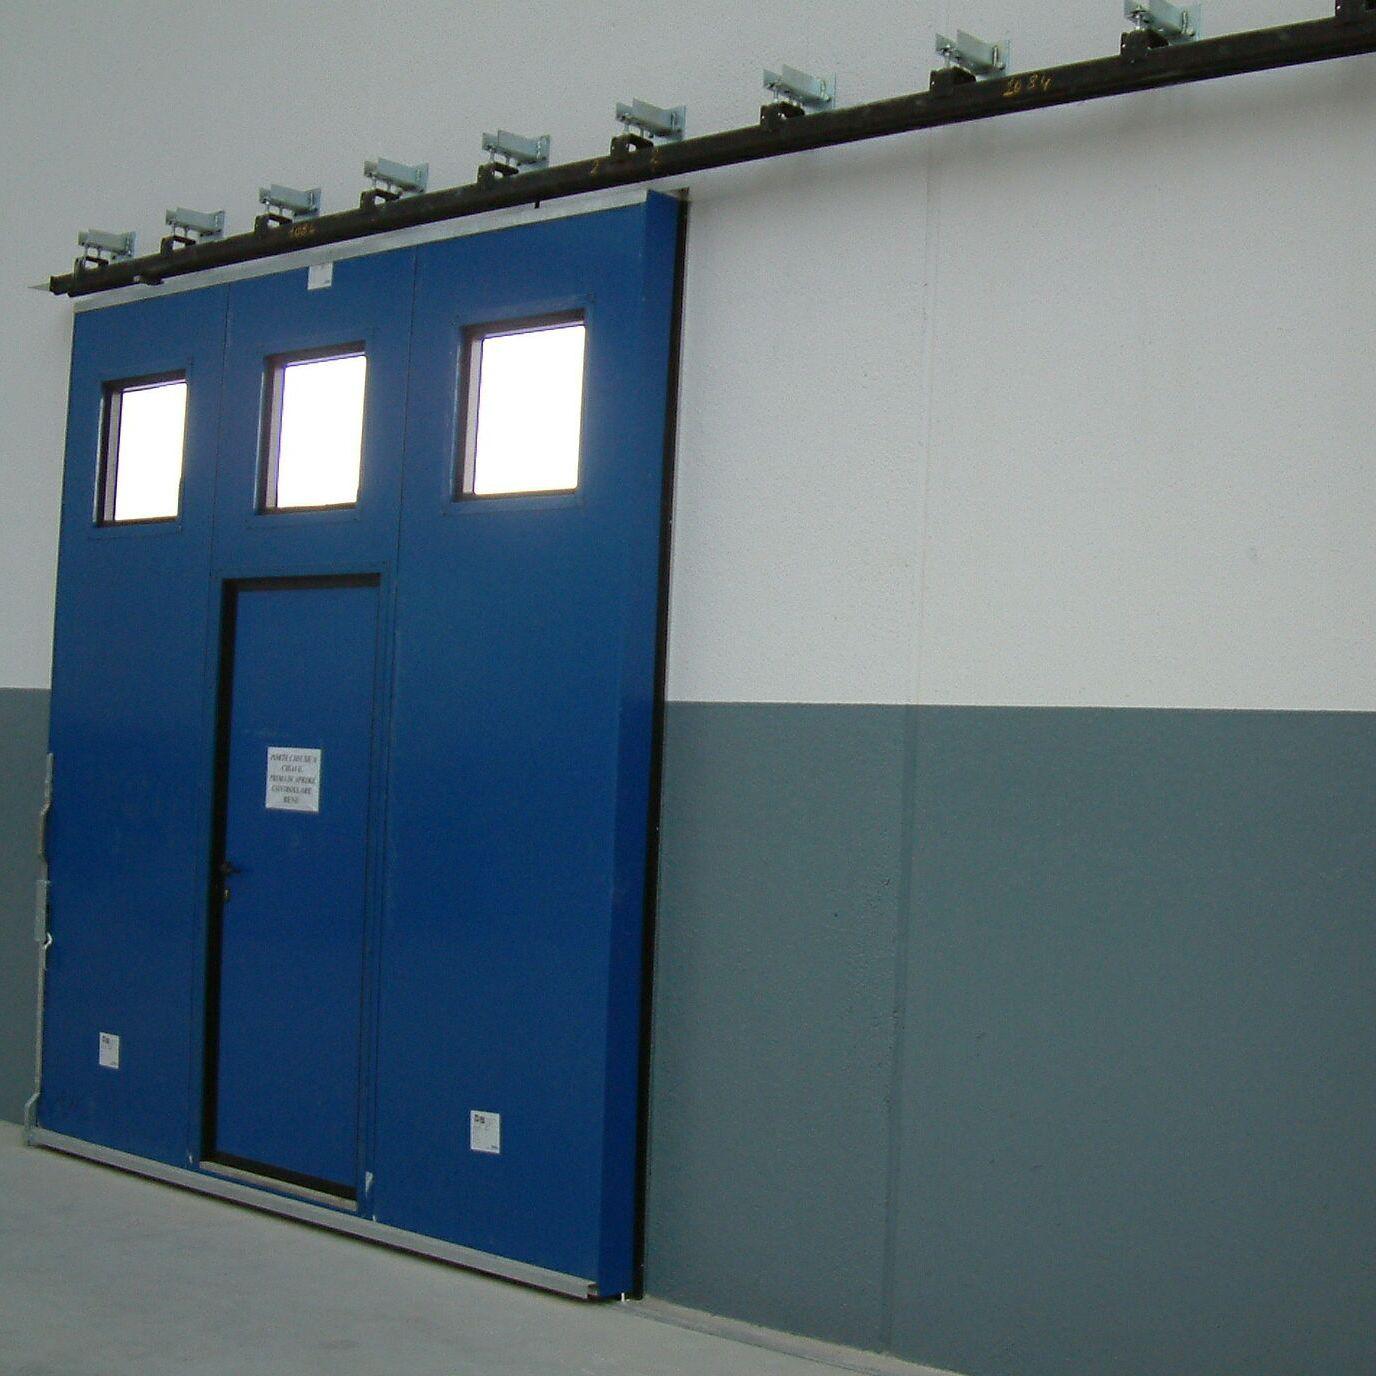 puertas correderas de metal para exterior industriales ps 3000 pre - Puertas Correderas Exteriores